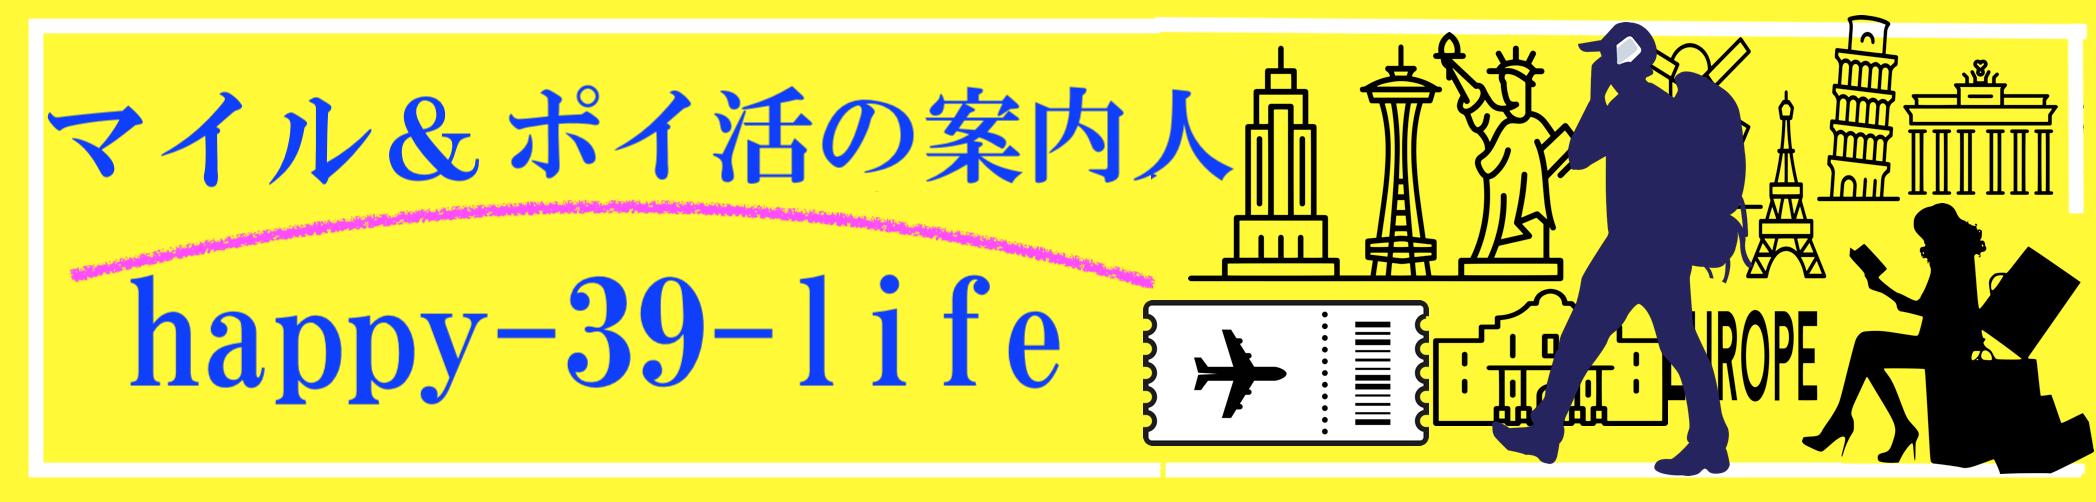 happy-39-life